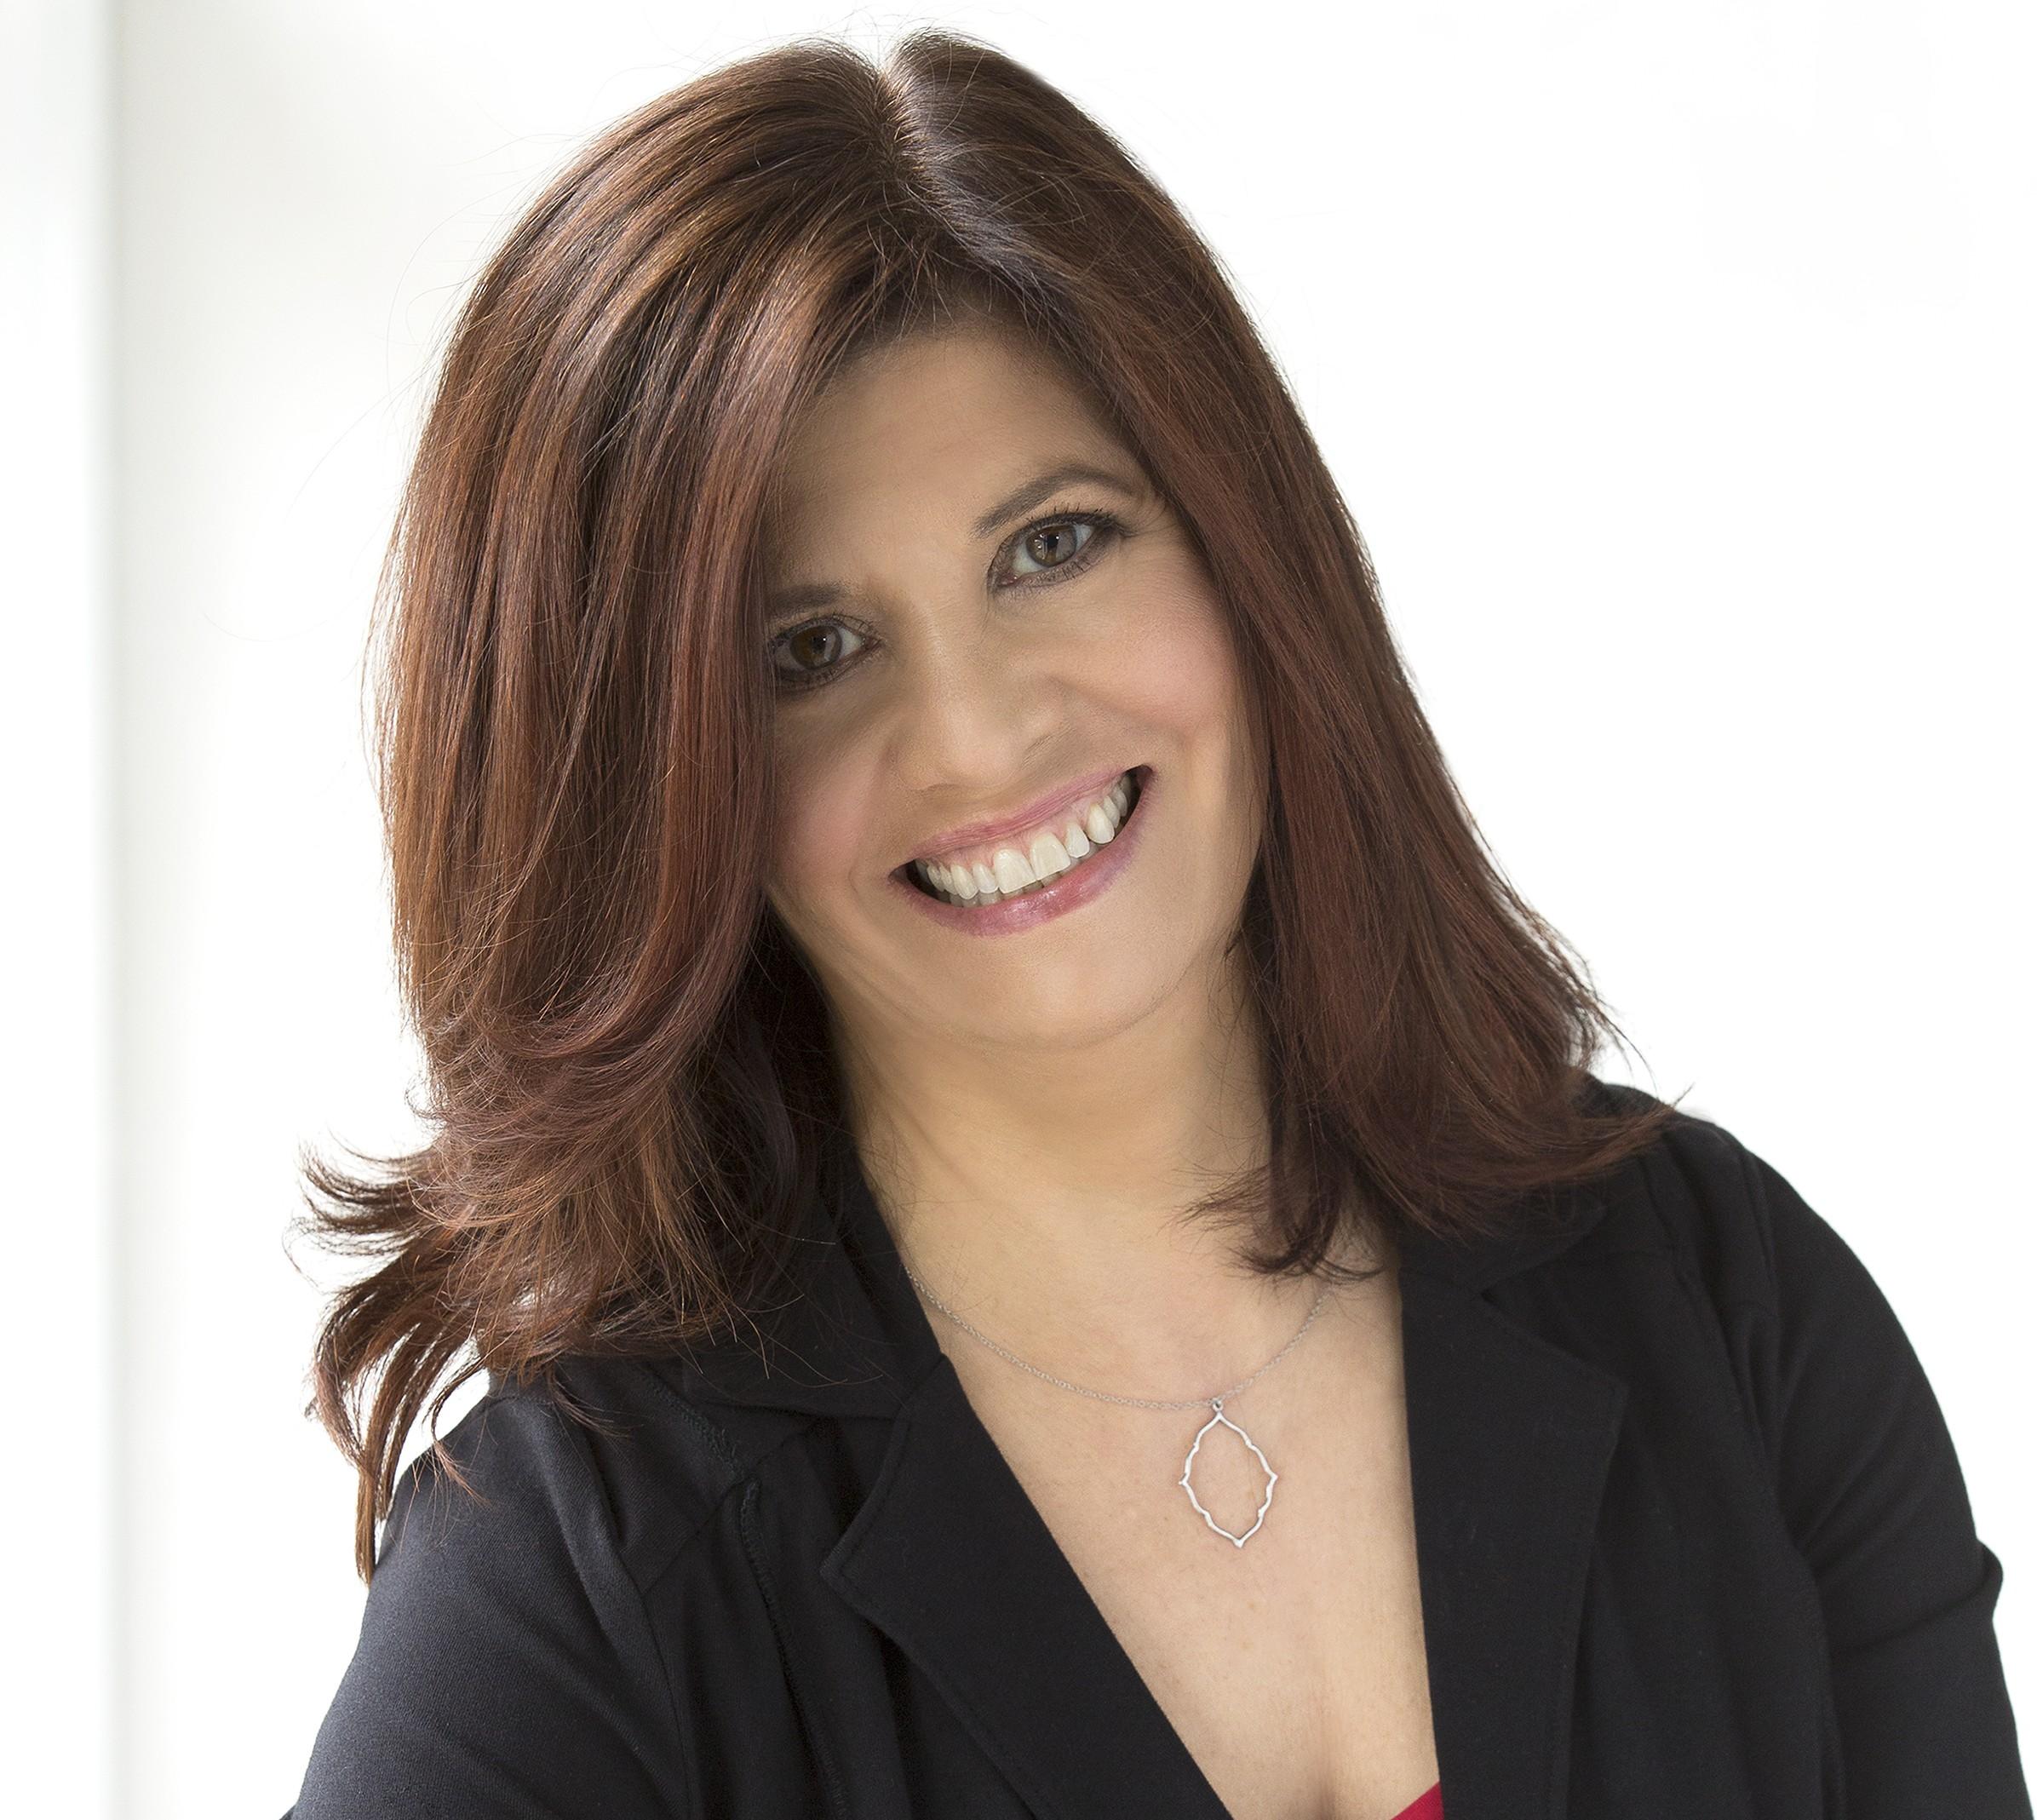 Charlene Milano